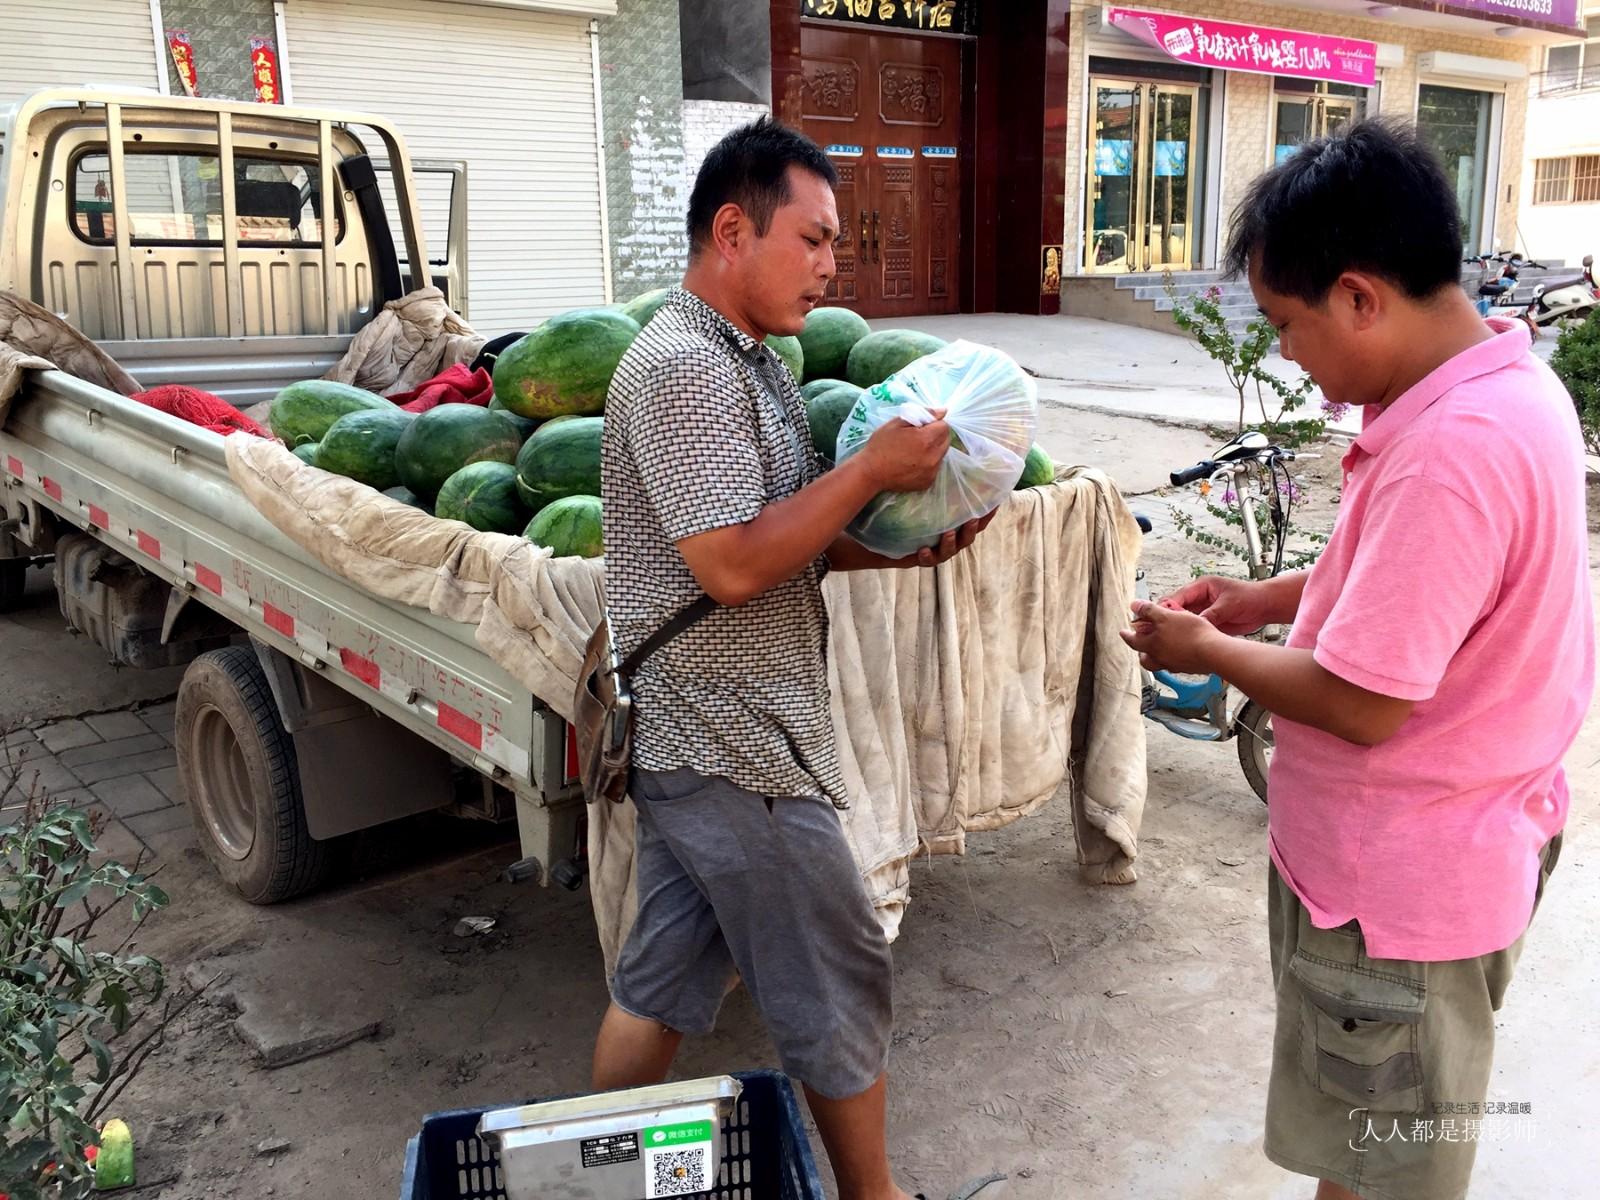 沙地西瓜个头普遍较大,摄影师发现,个头大点的,差不多有20斤重,而那些